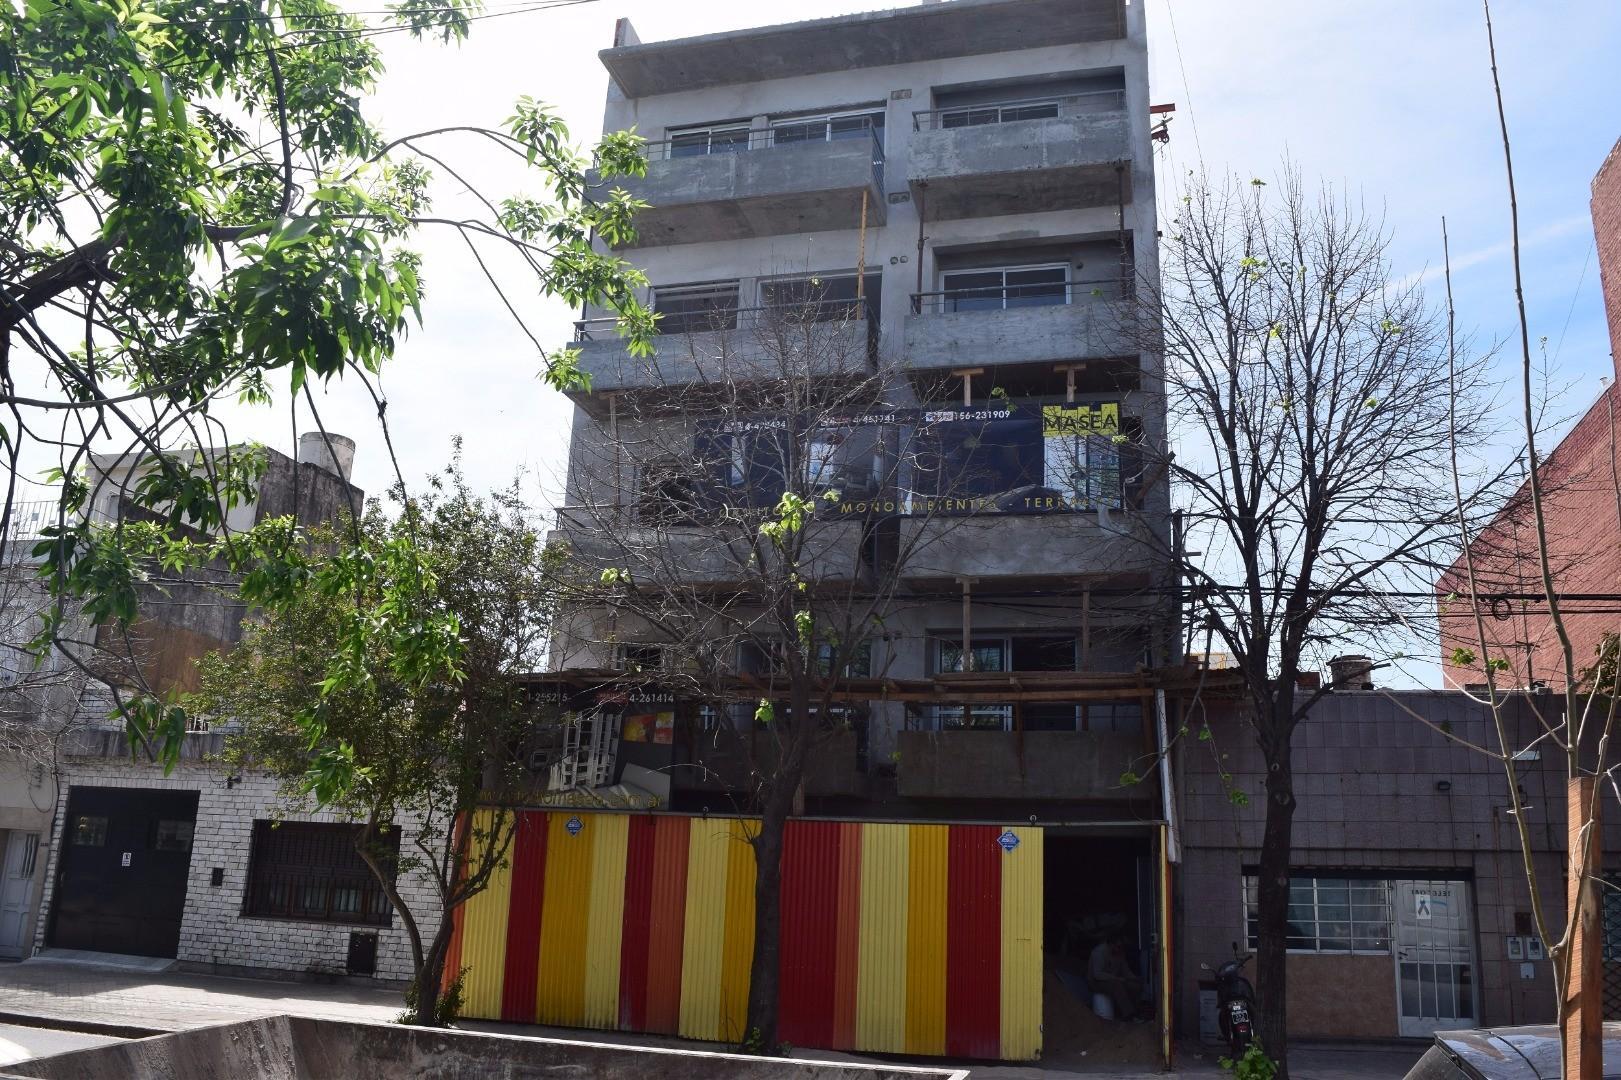 Departamento 2 dormitorio al CONTRAFRENTE, 1 Piso, 52,5 cubiertos mas balcón